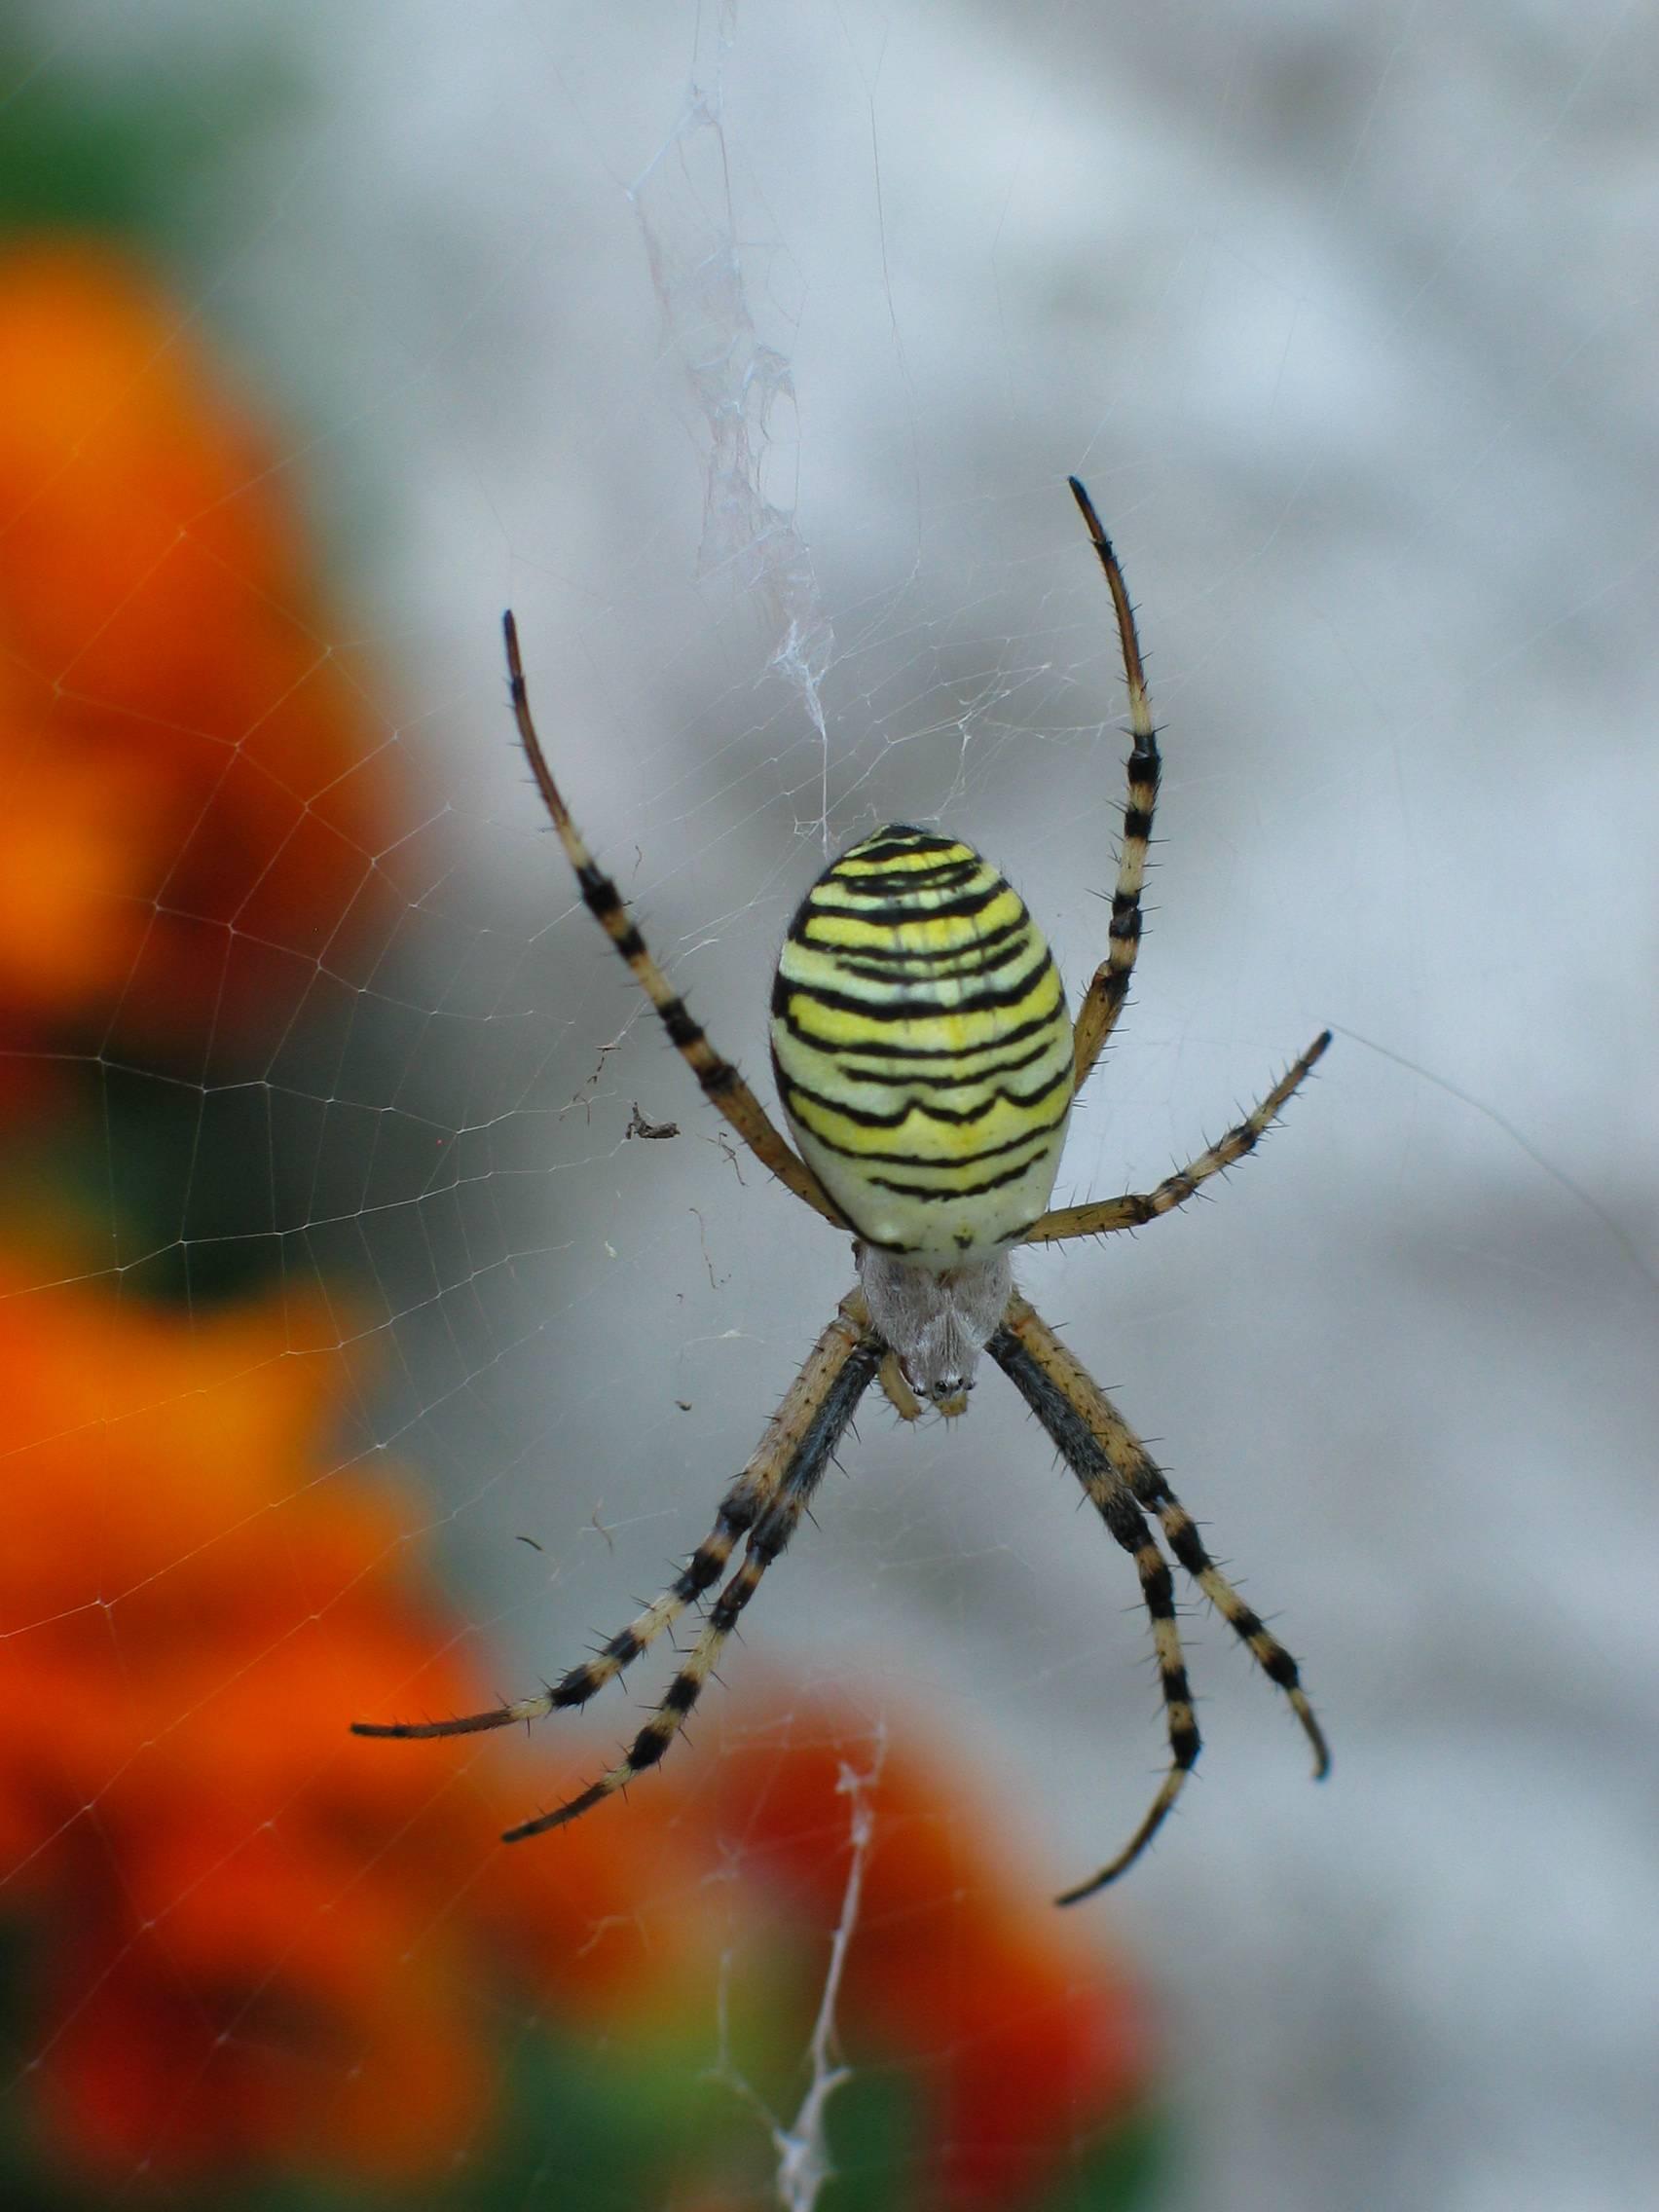 Паук-оса с желтыми полосками на спине